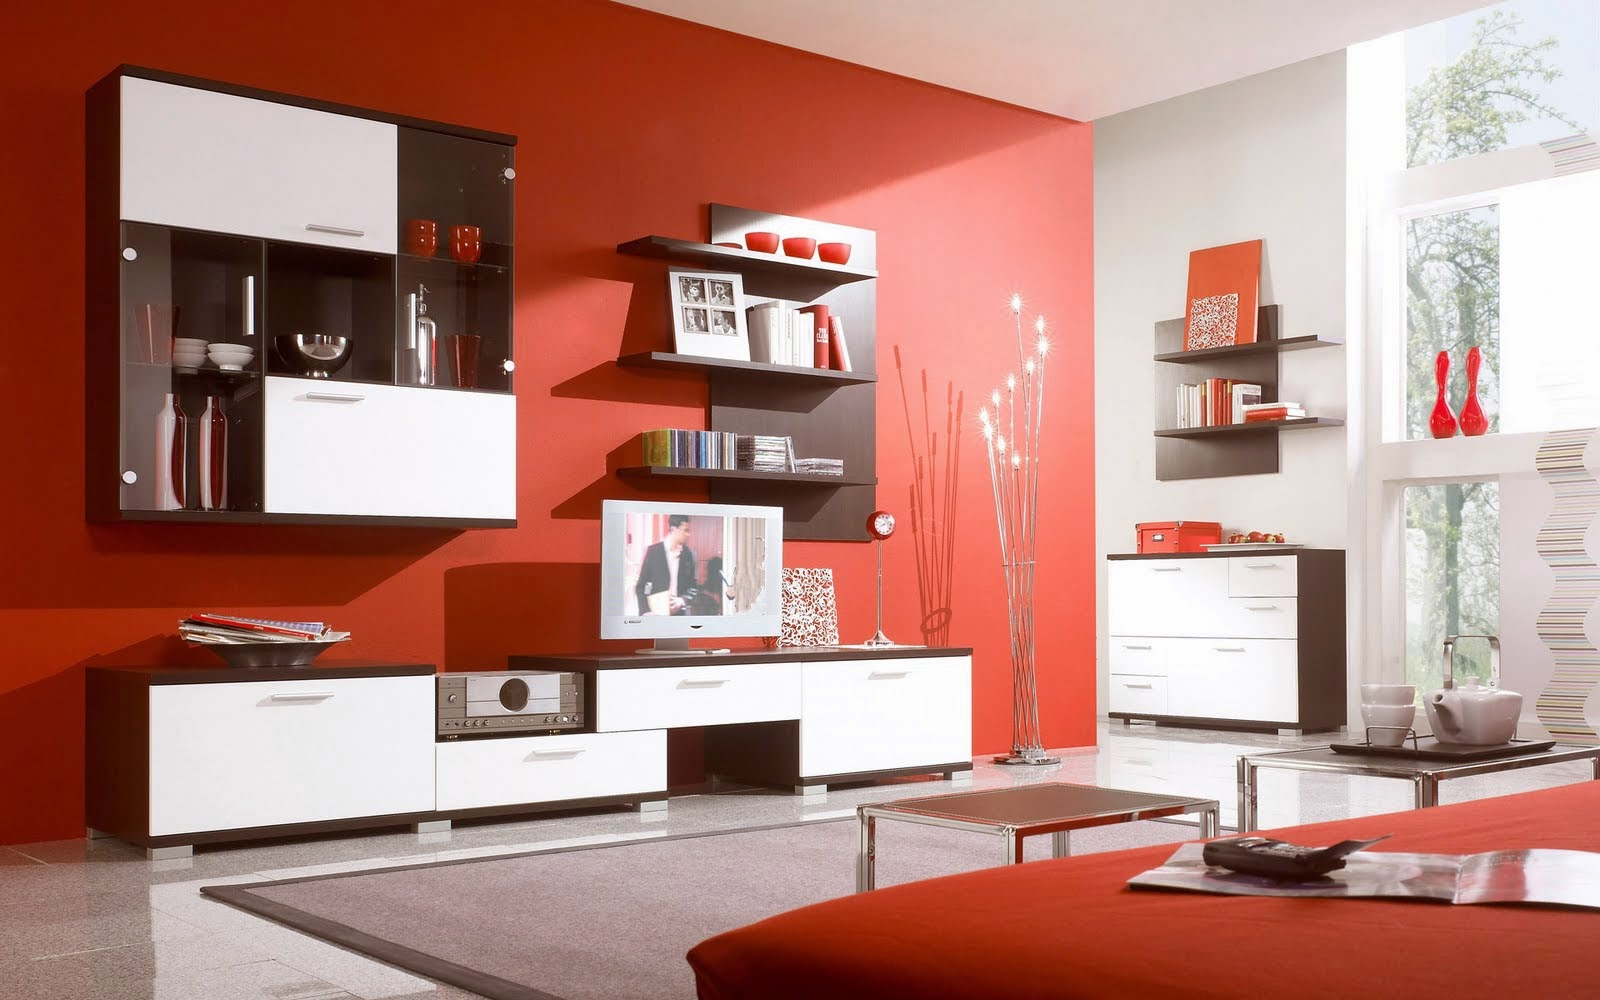 couleur de peinture pour salon. Black Bedroom Furniture Sets. Home Design Ideas